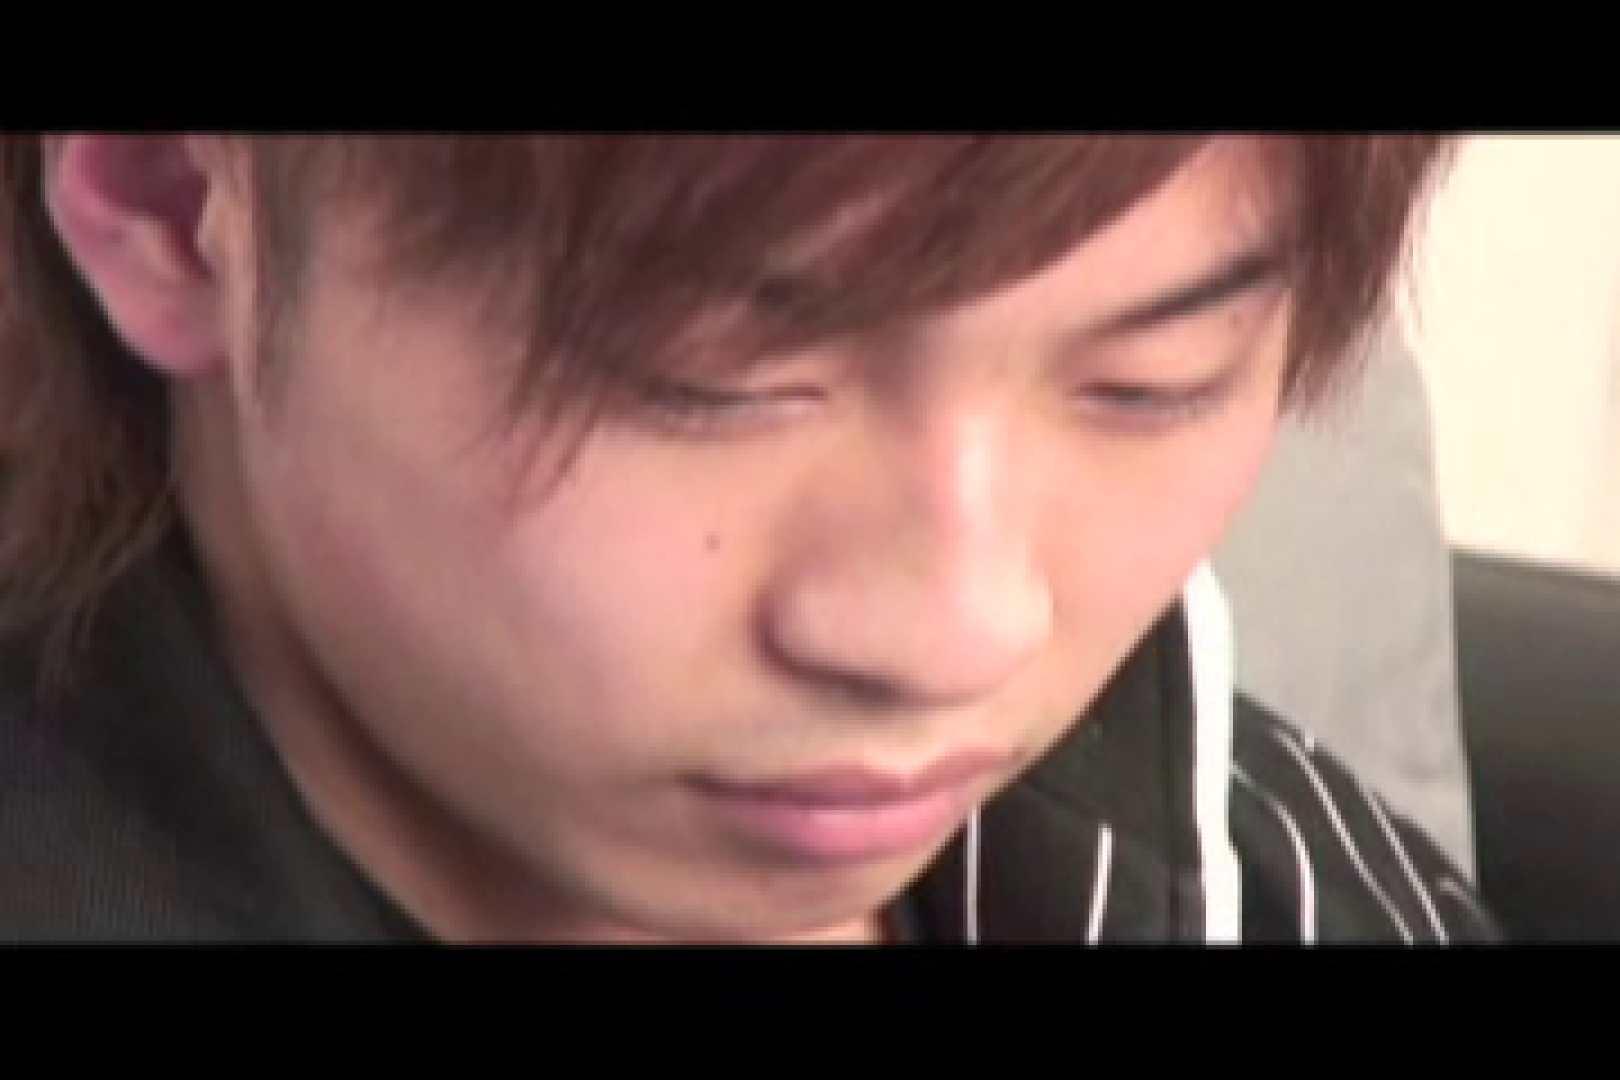 イケメン,s VOL.9 オナニー | アナル天国 アダルトビデオ画像キャプチャ 8連発 8